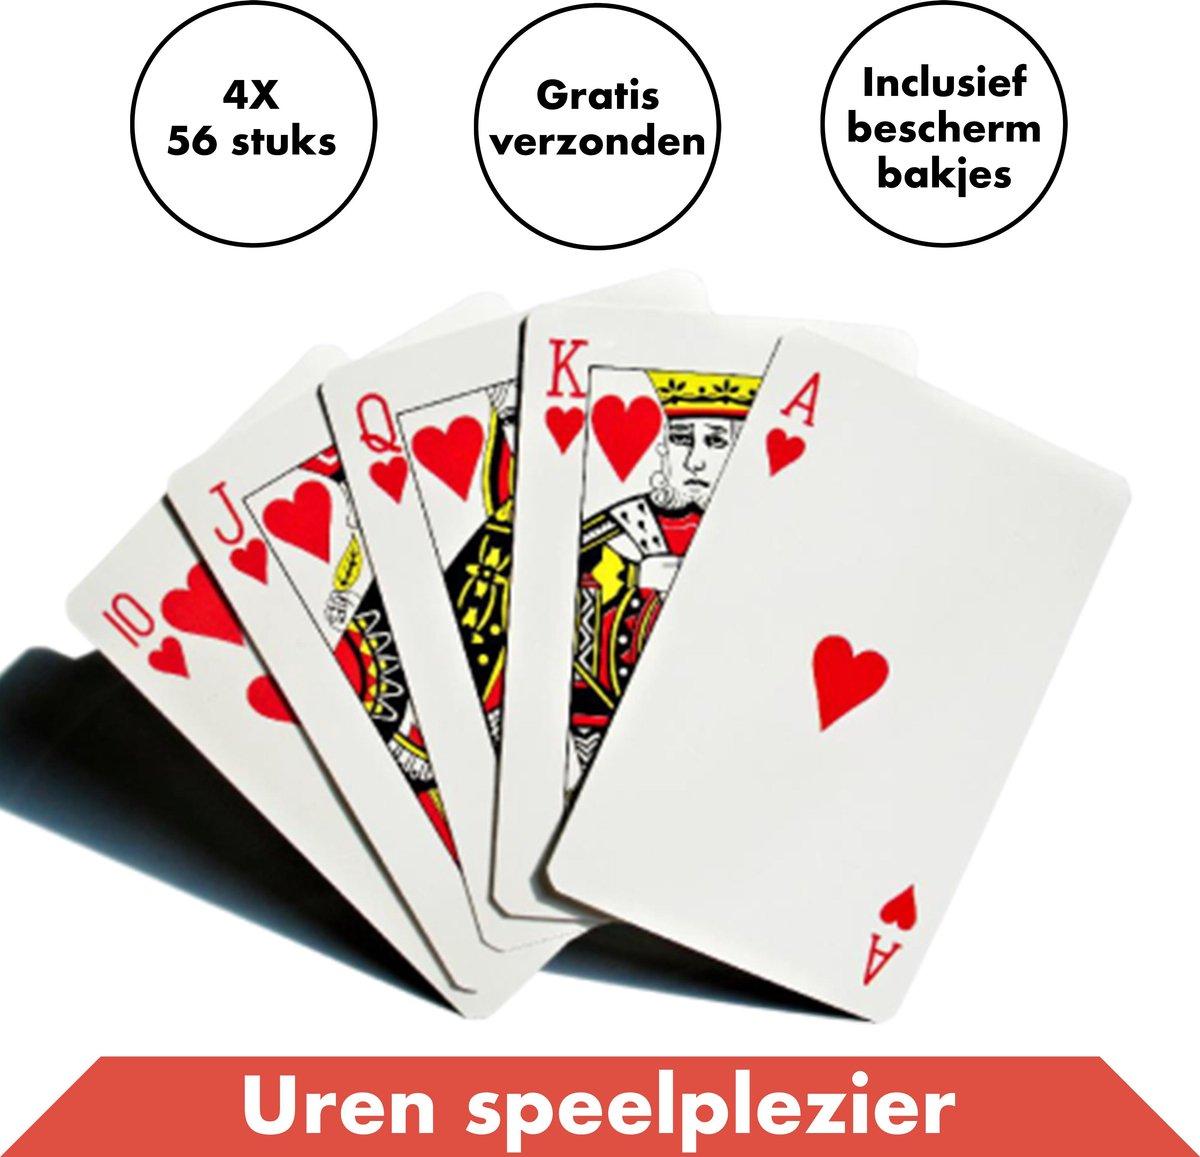 Speelkaarten 4 Decks / Stokken - Spelkaarten - Kaarten - Kaartspellen - Pesten - Klaverjassen - Toepen - Poker - Jokeren - Eenentwintigen - Eenendertigen - Kwartetten - Bridge - Hartenjagen - Patience - Solitaire - Ezelen - Liegen - Spel - Blackjack